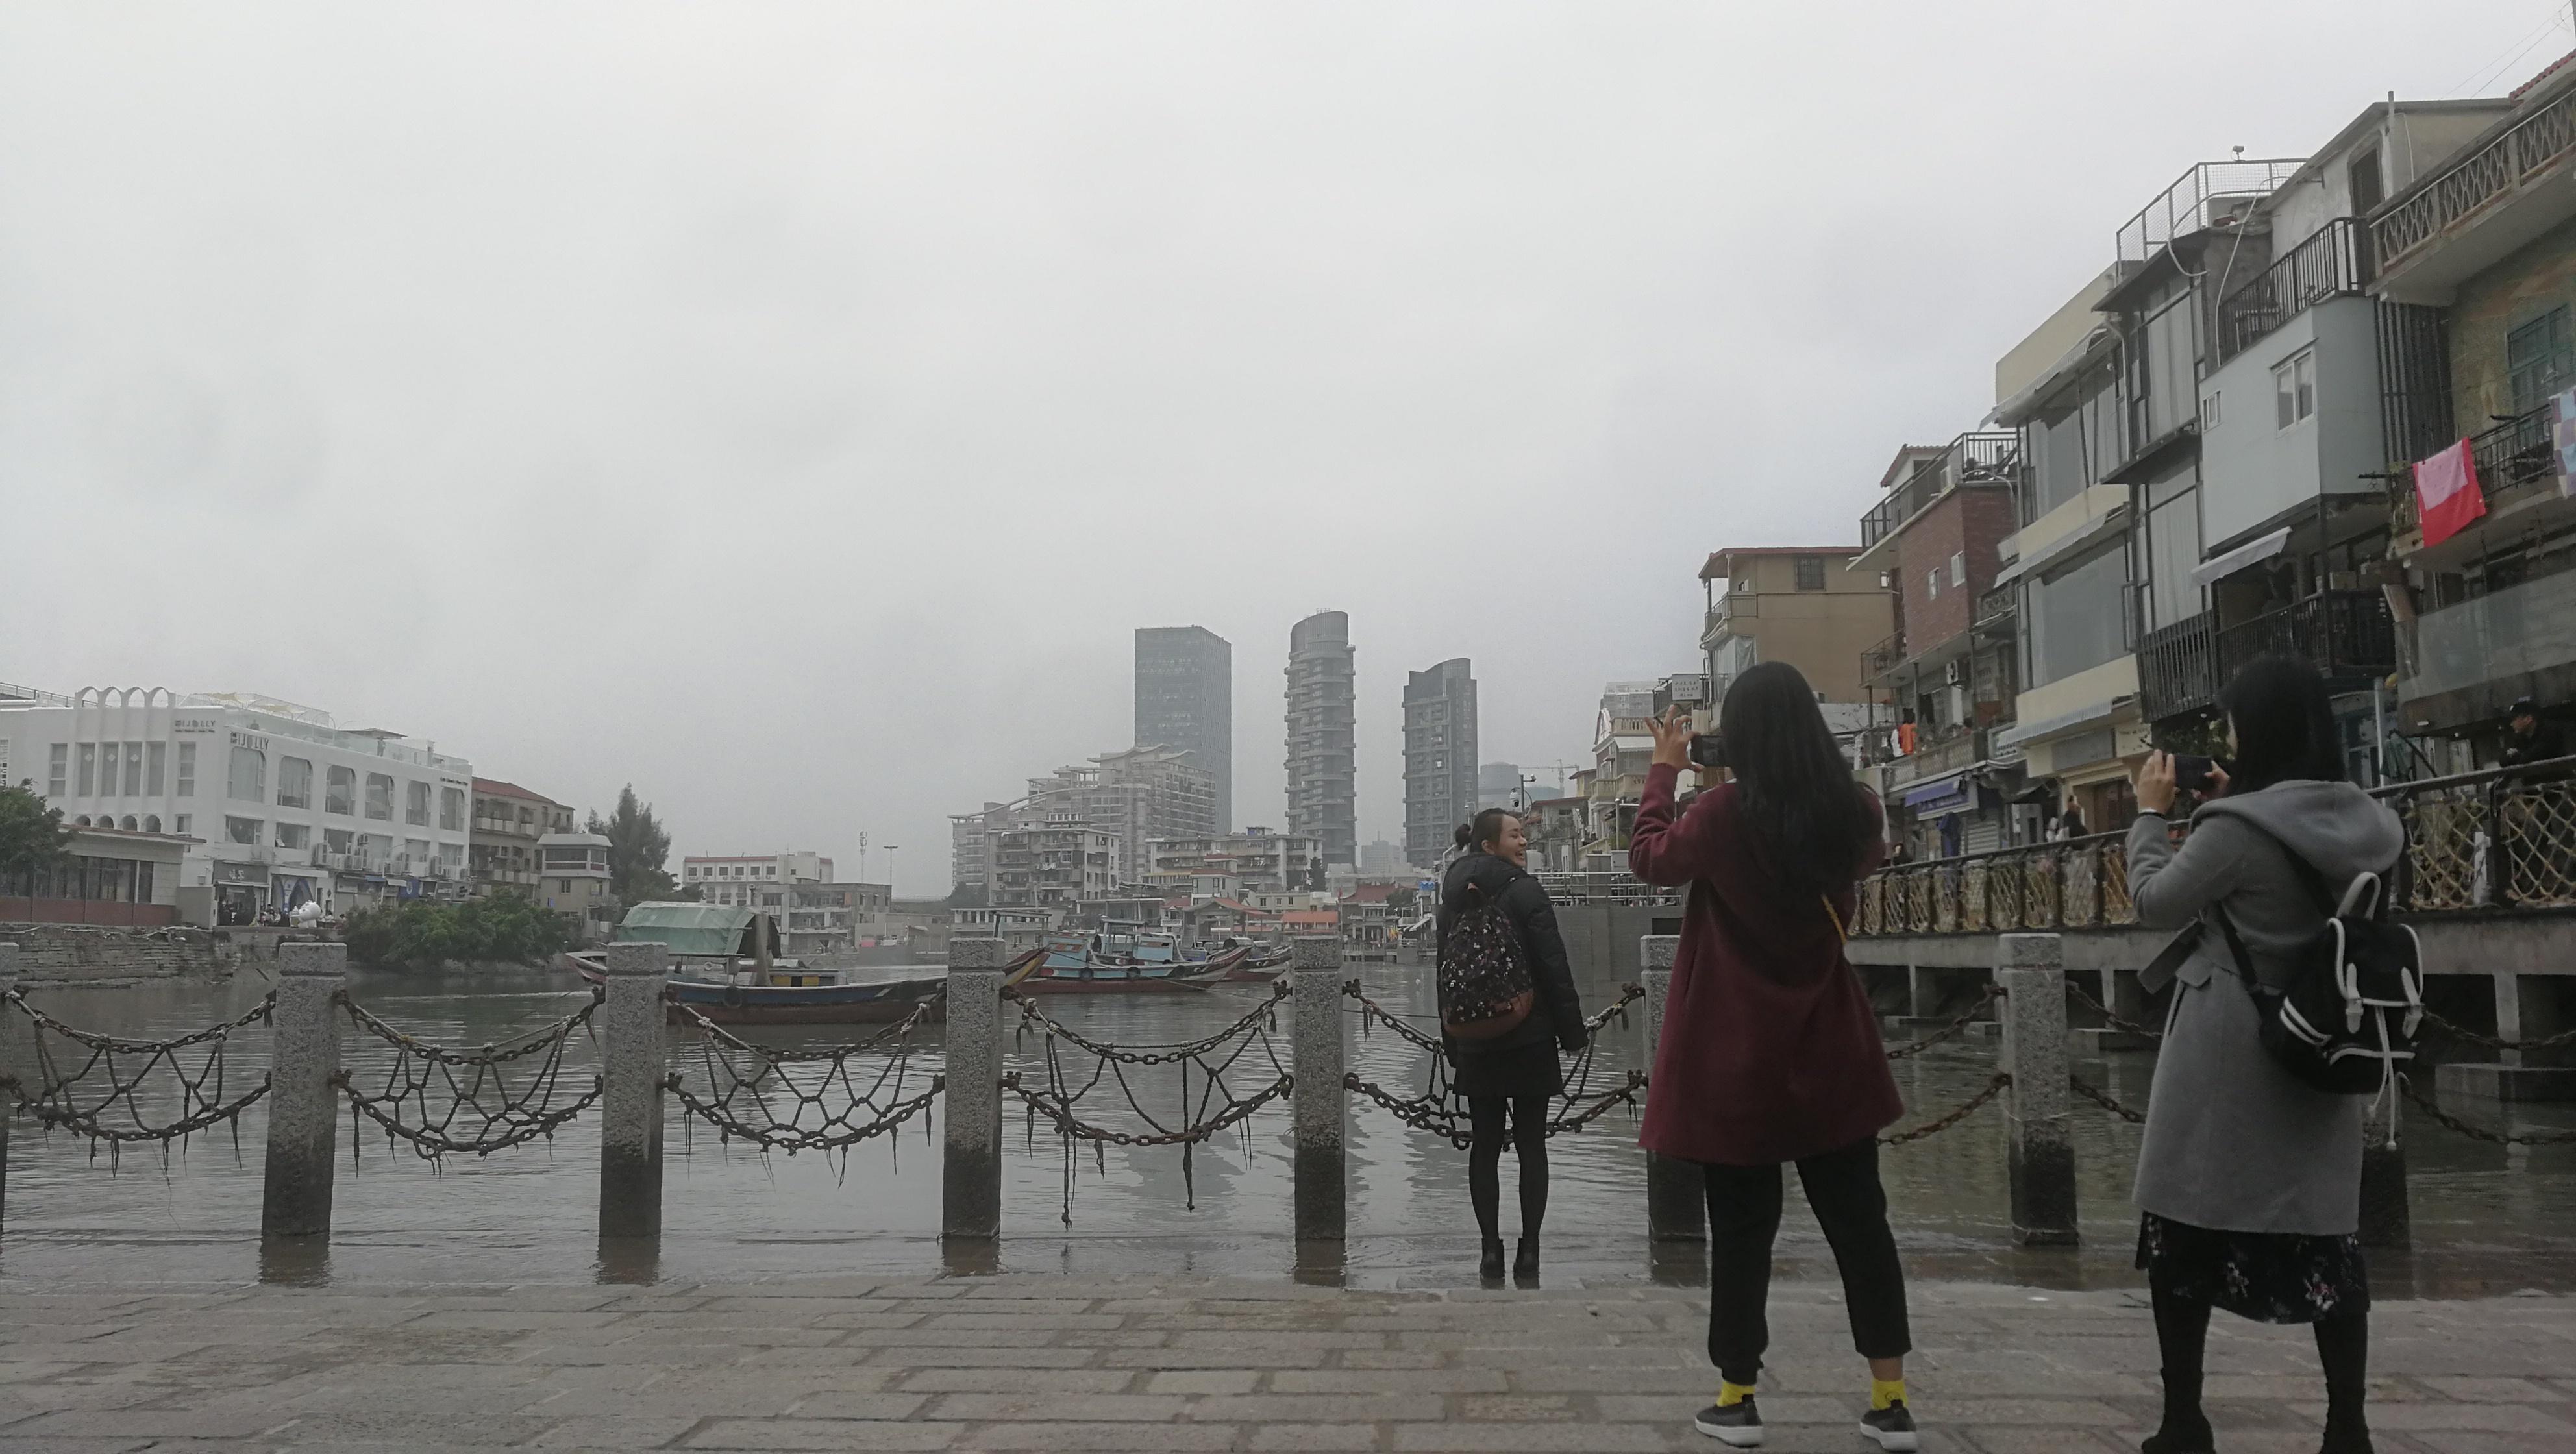 2020年1月15日下午,三位在厦门港沙坡尾避风坞边拍照的游人,春节前的旅游淡季是这个网红地带最安静的时段。